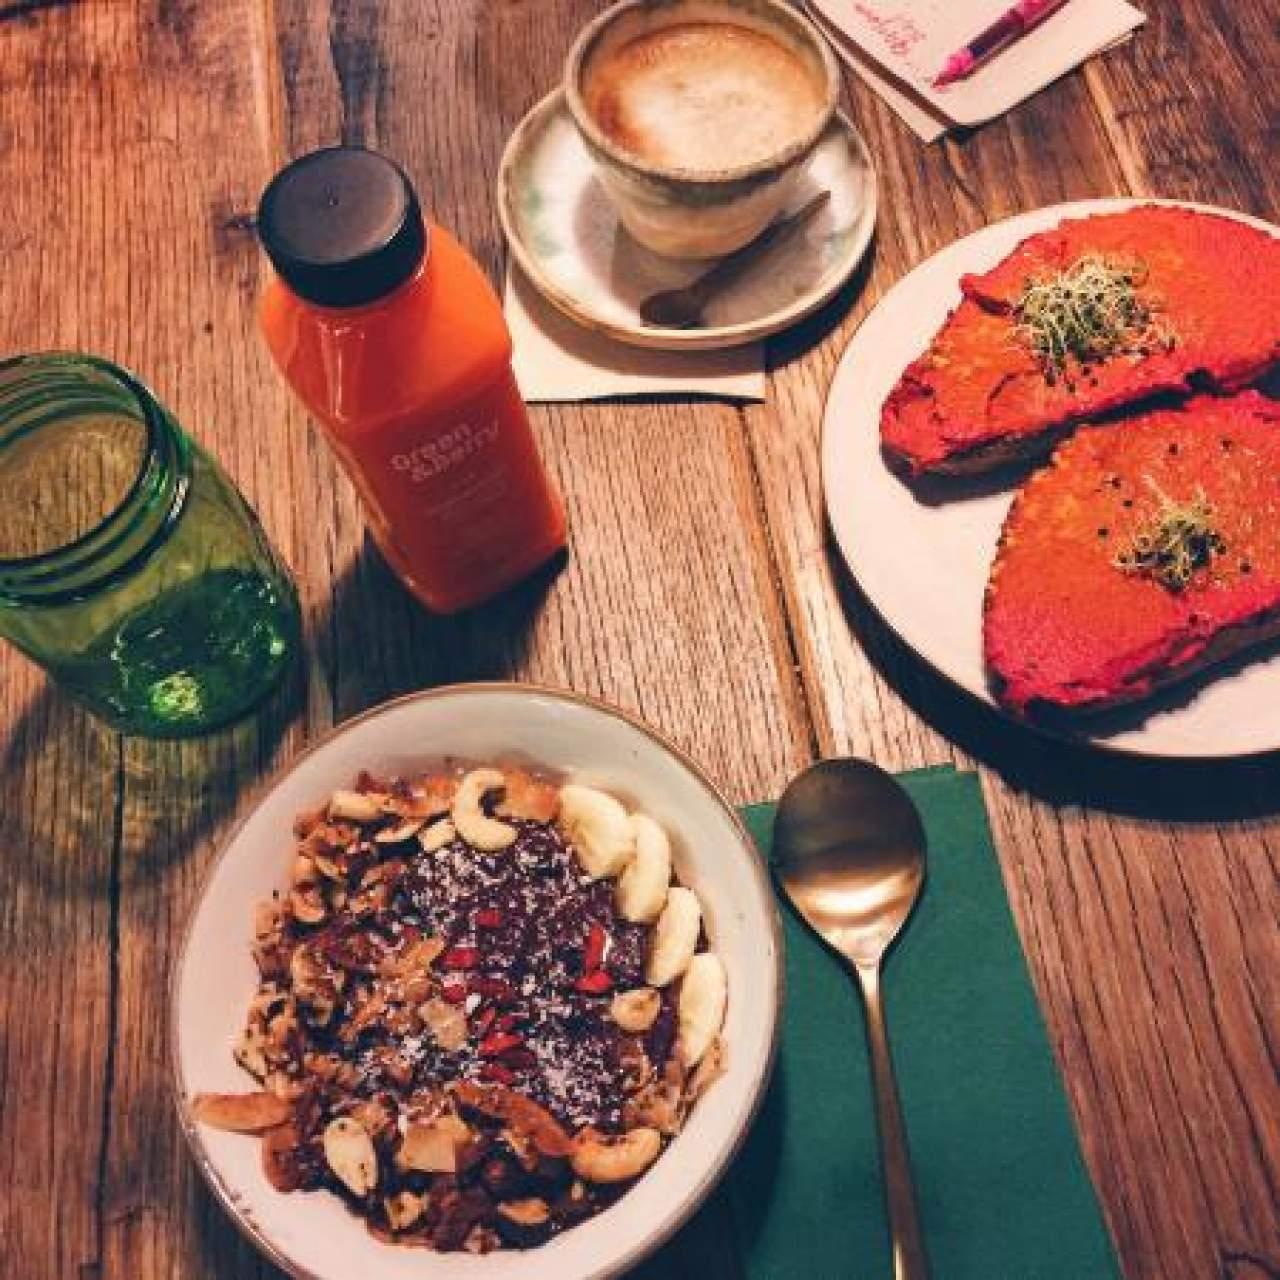 La tendencia de pedir comida a domicilio: Desayuno vegano a domicilio